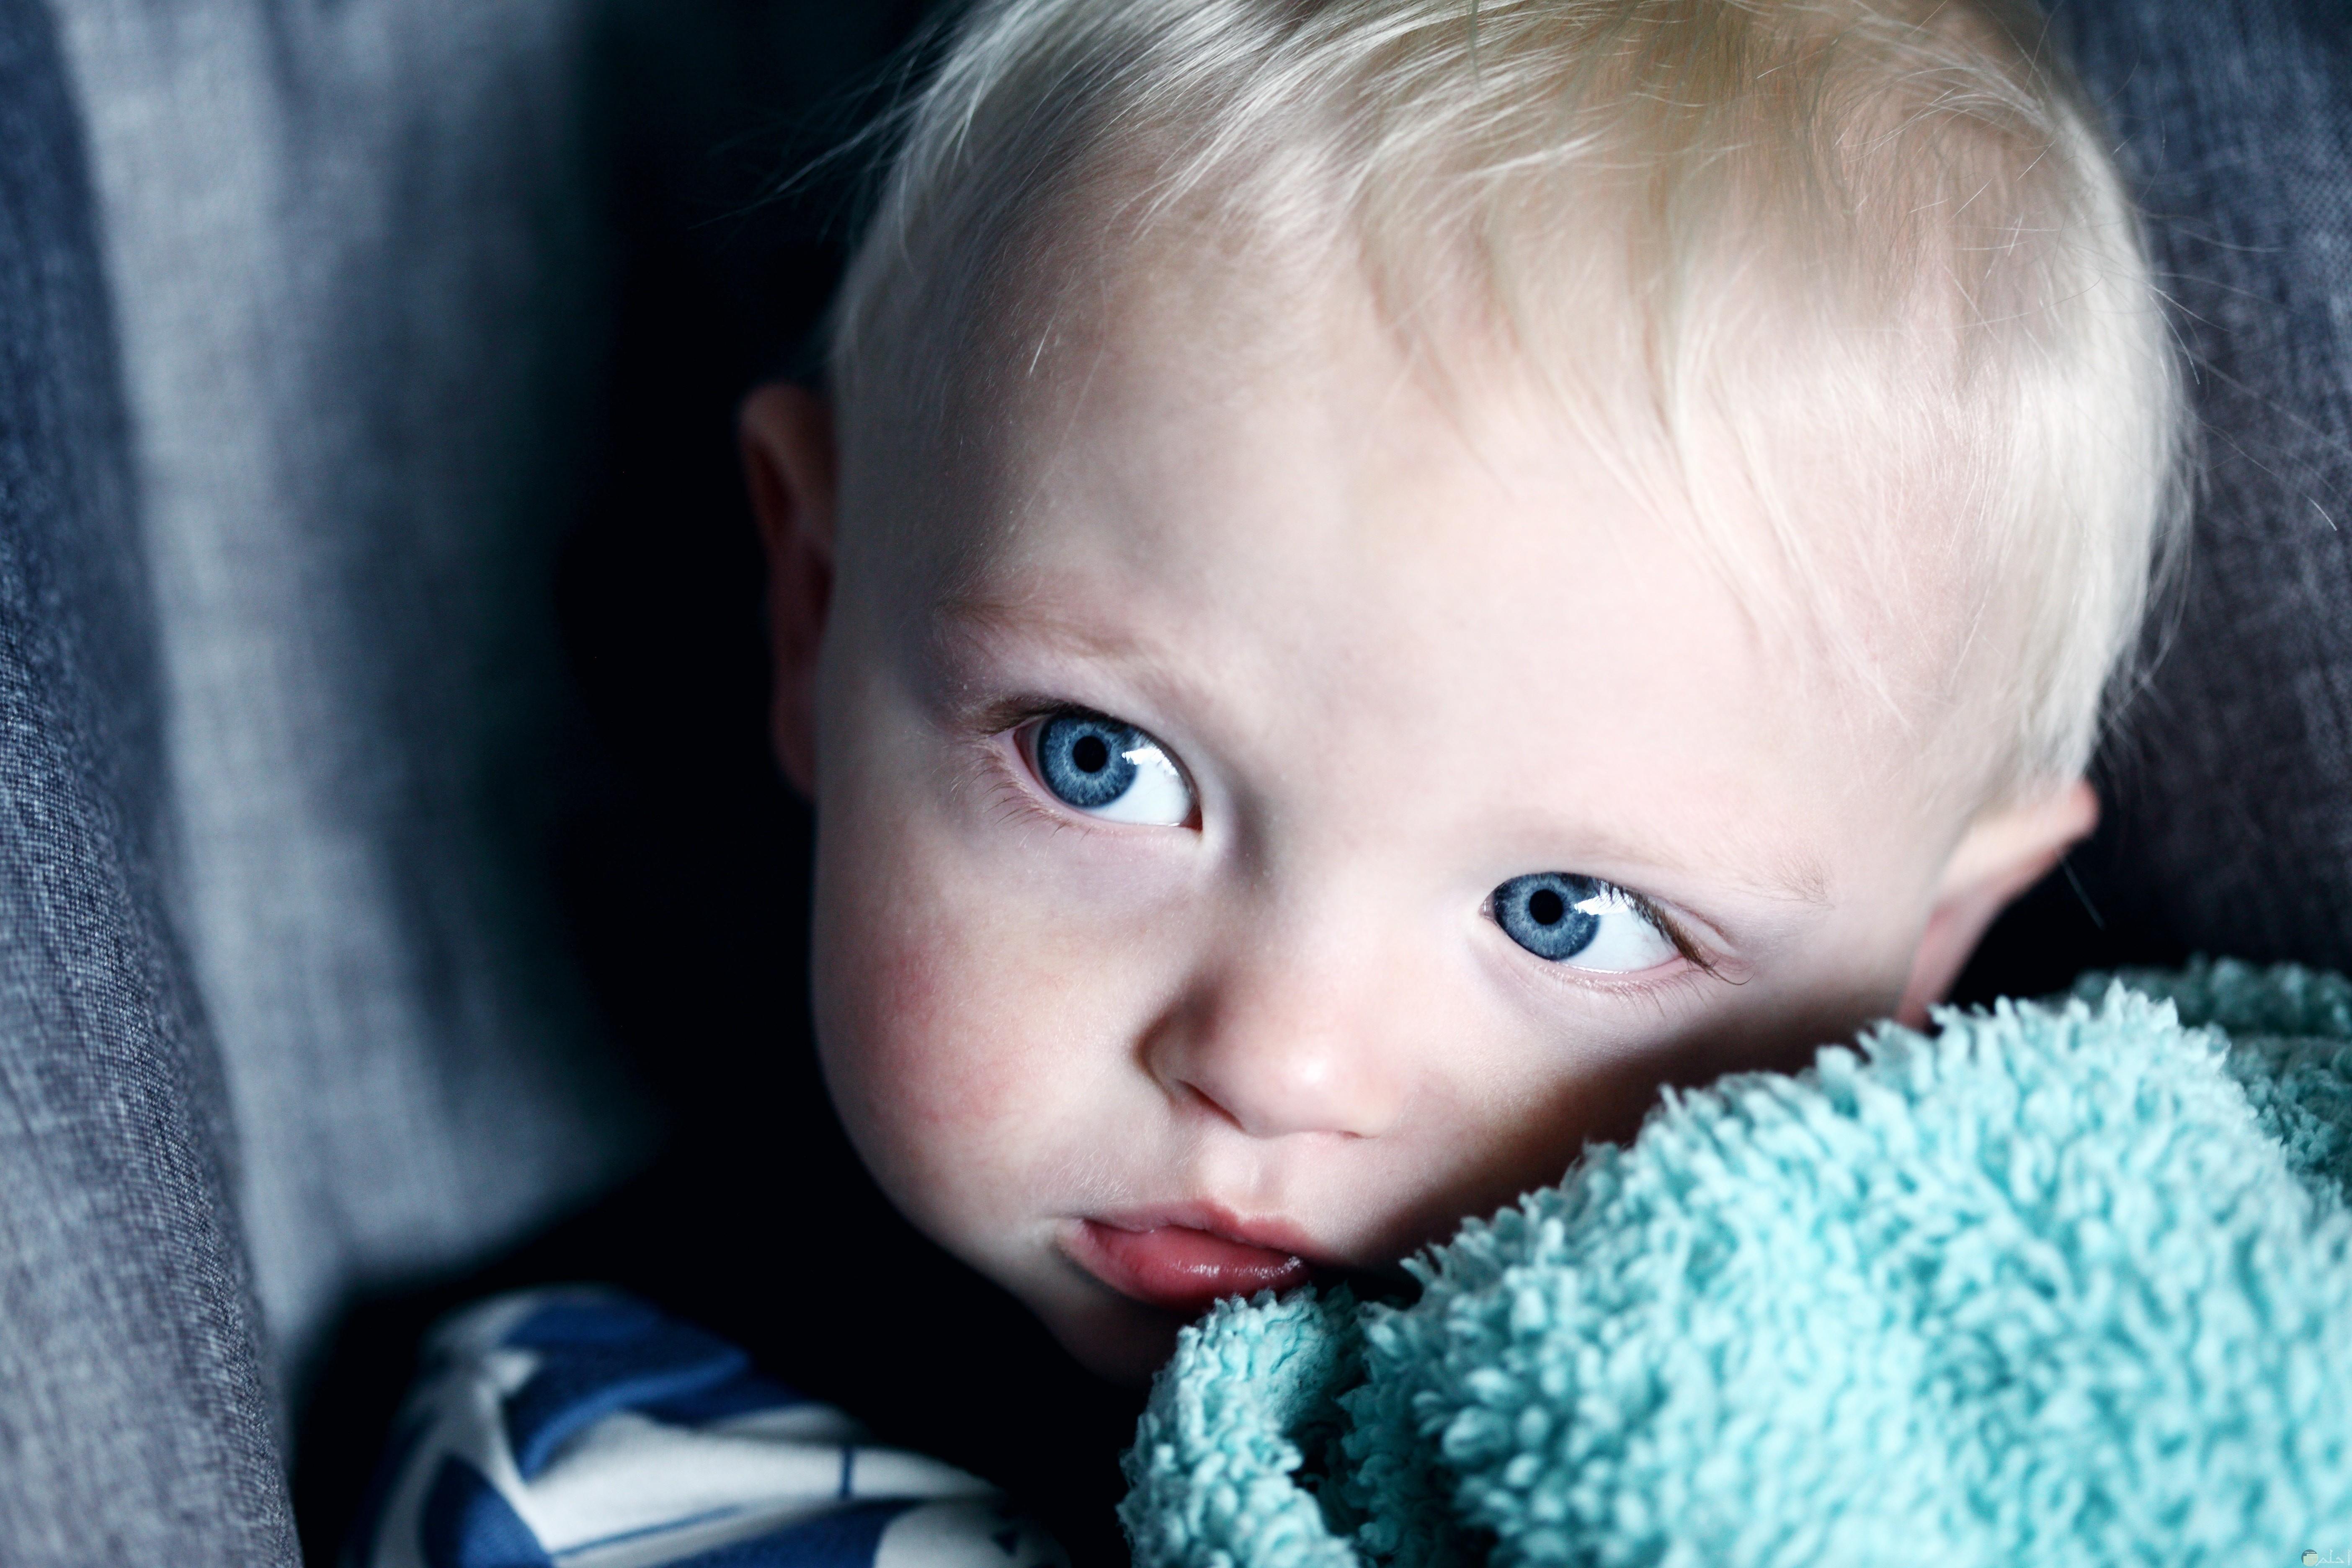 برئة طفل بعيون زرقاء